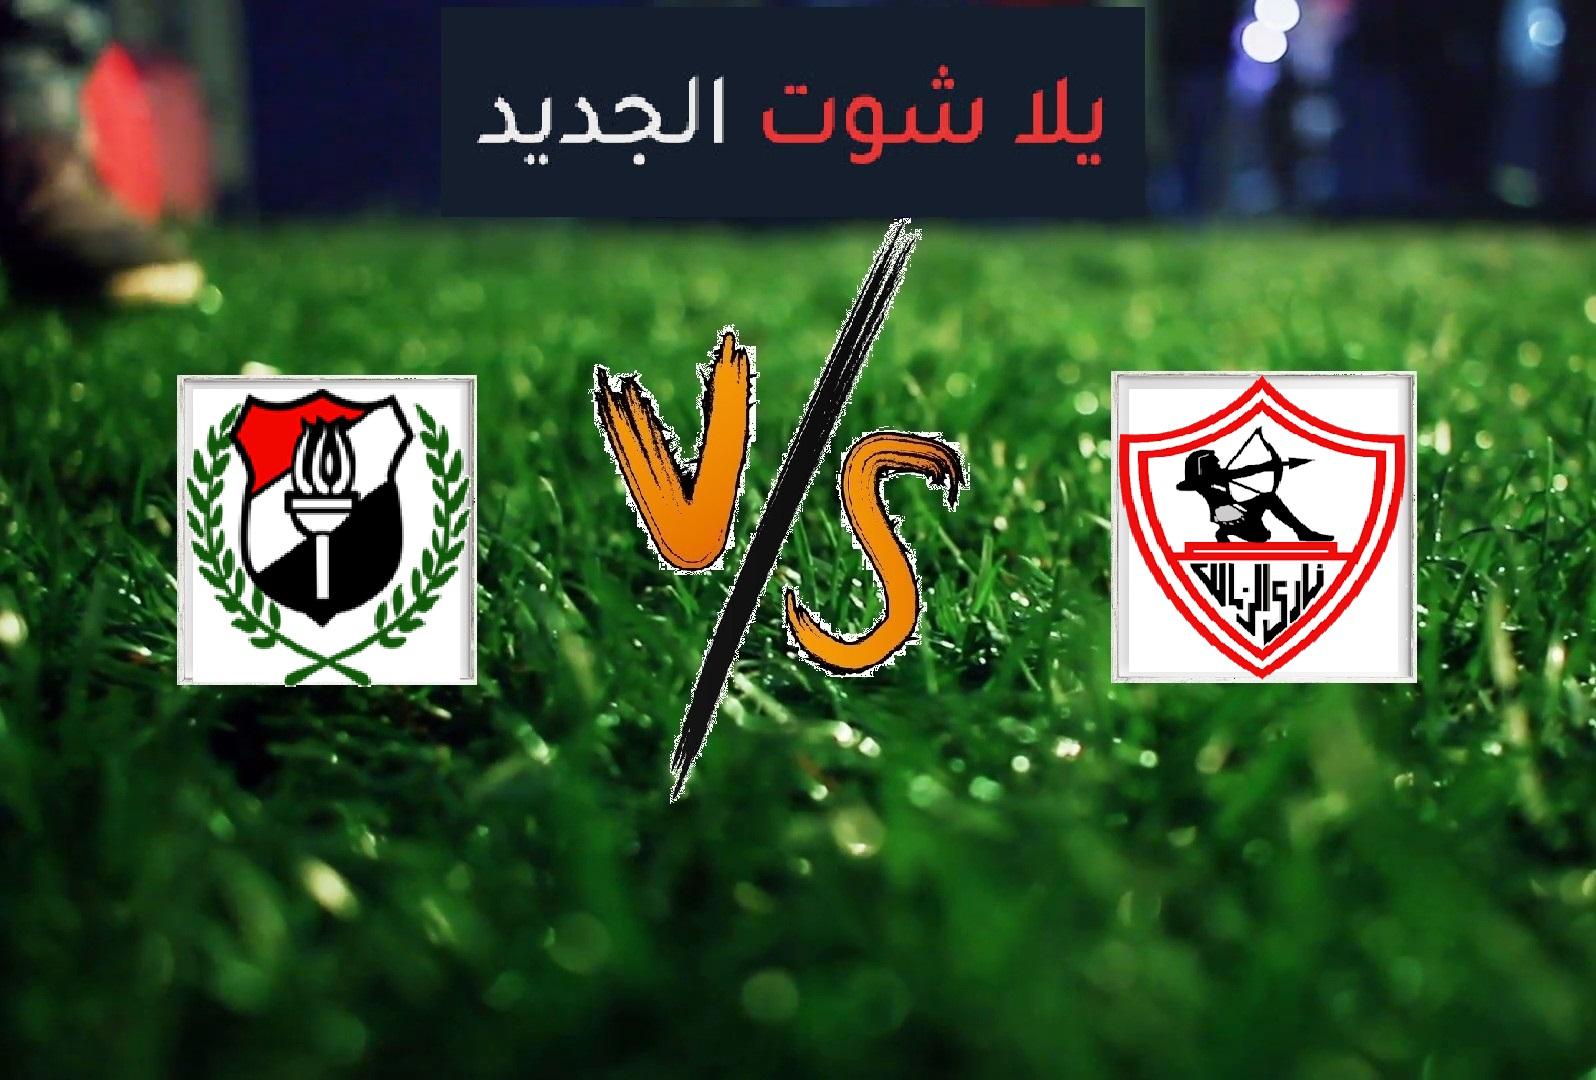 ملخص مباراة الزمالك والداخلية اليوم الاحد بتاريخ 12-05-2019 الدوري المصري